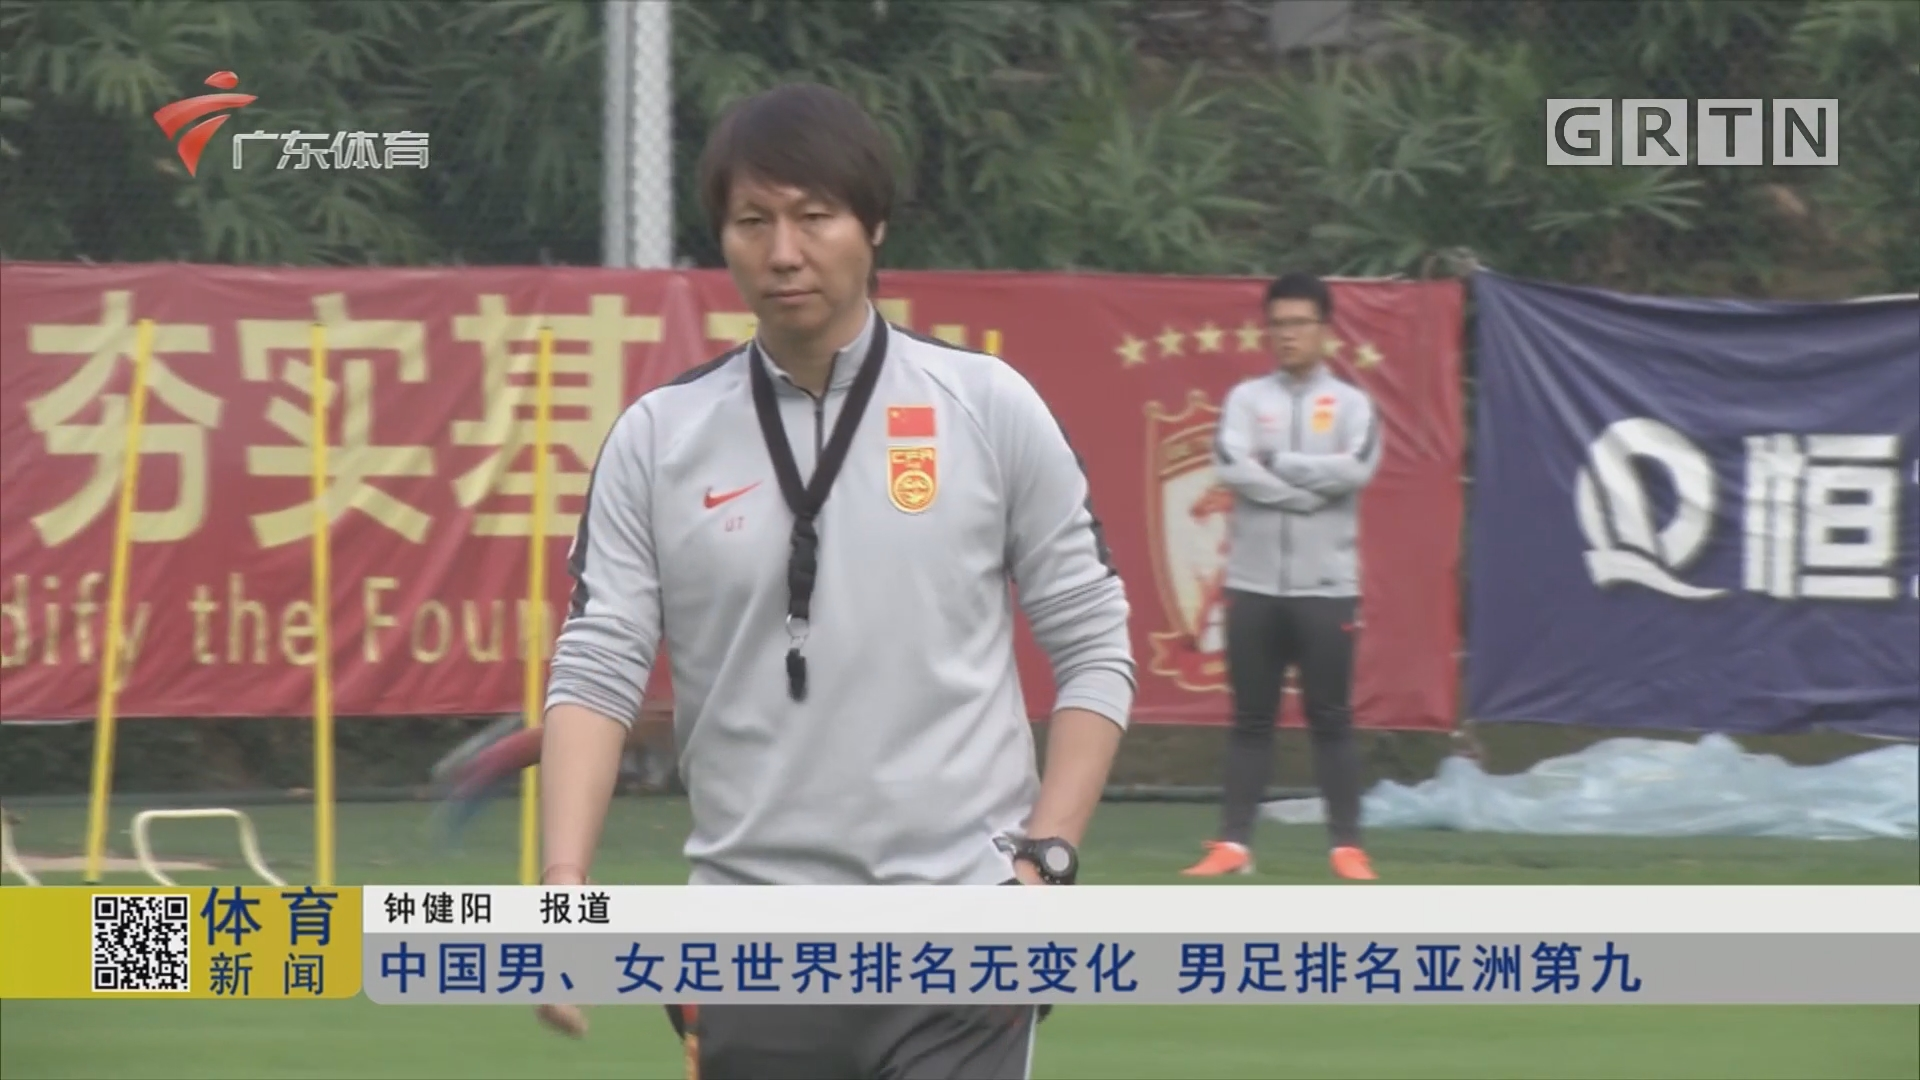 中国男、女足世界排名无变化 男足排名亚洲第九